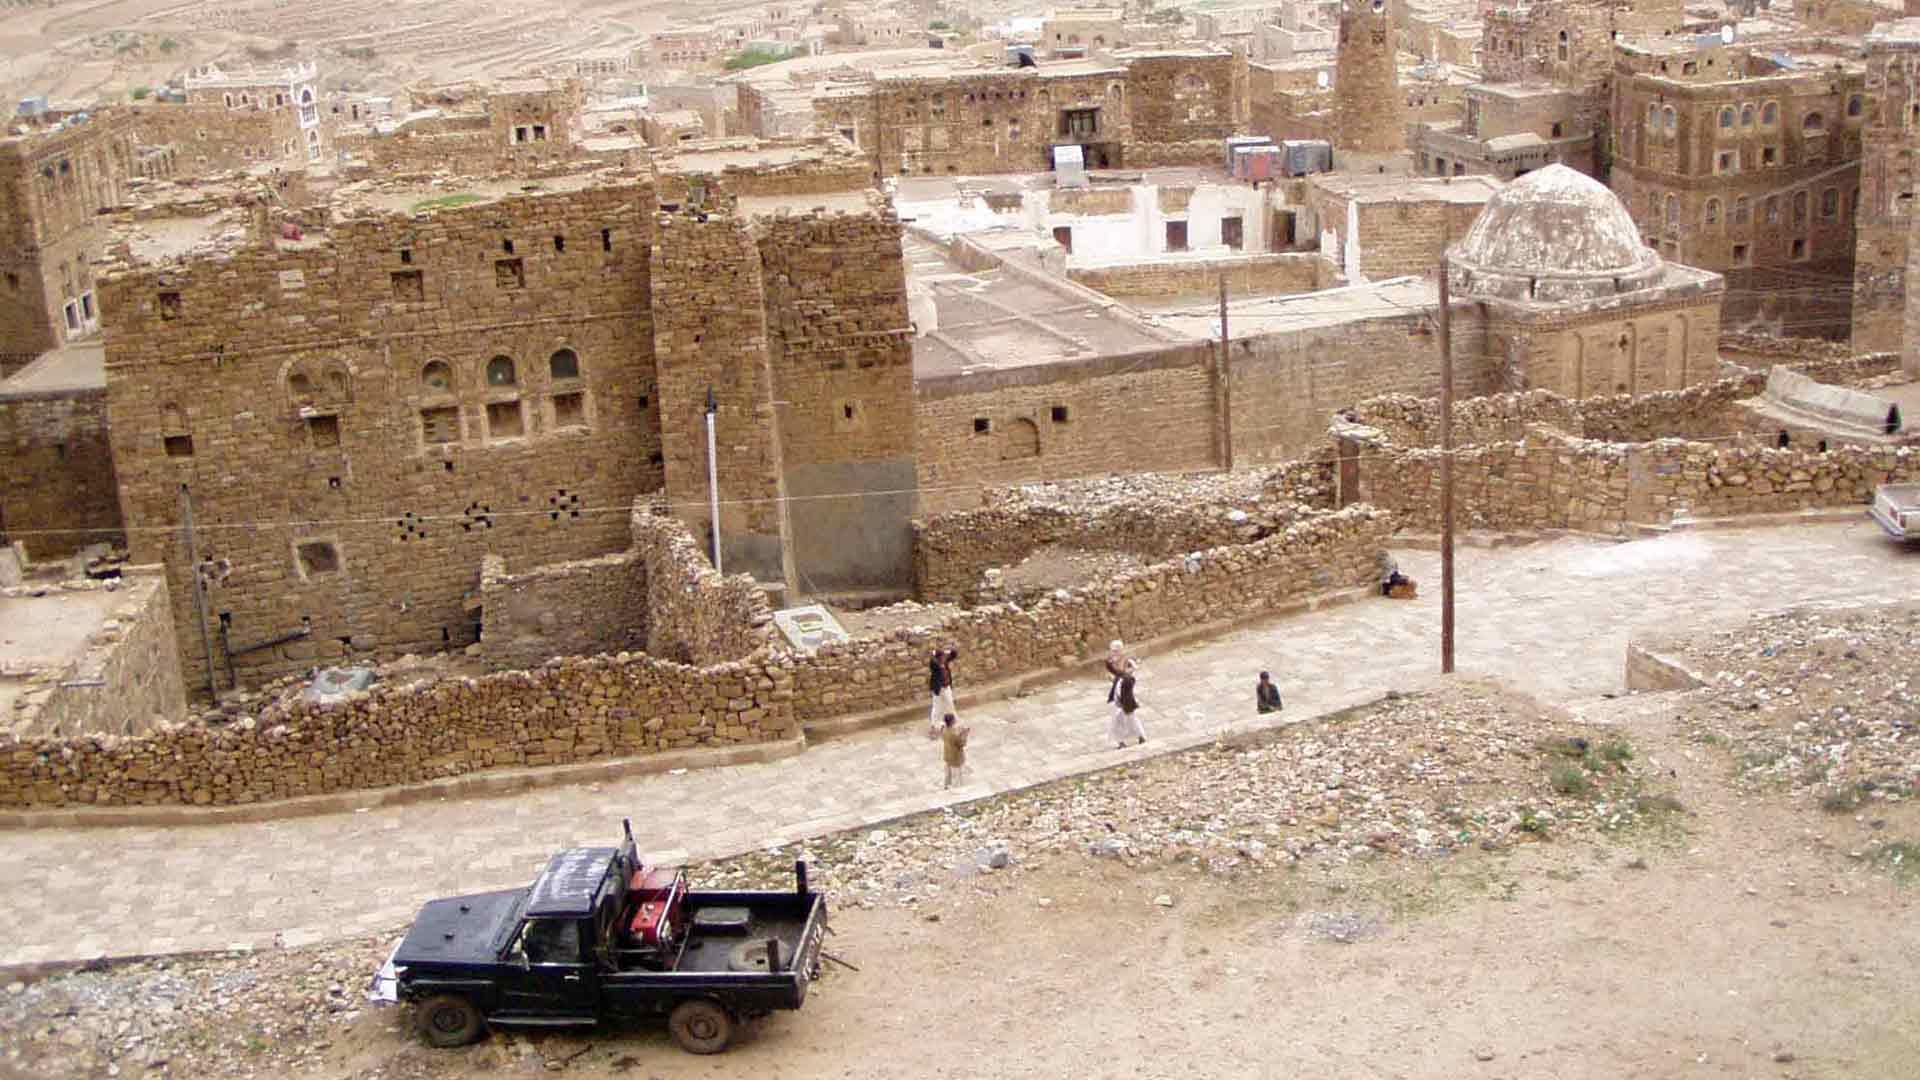 Das Dorf Thulla im Jemen